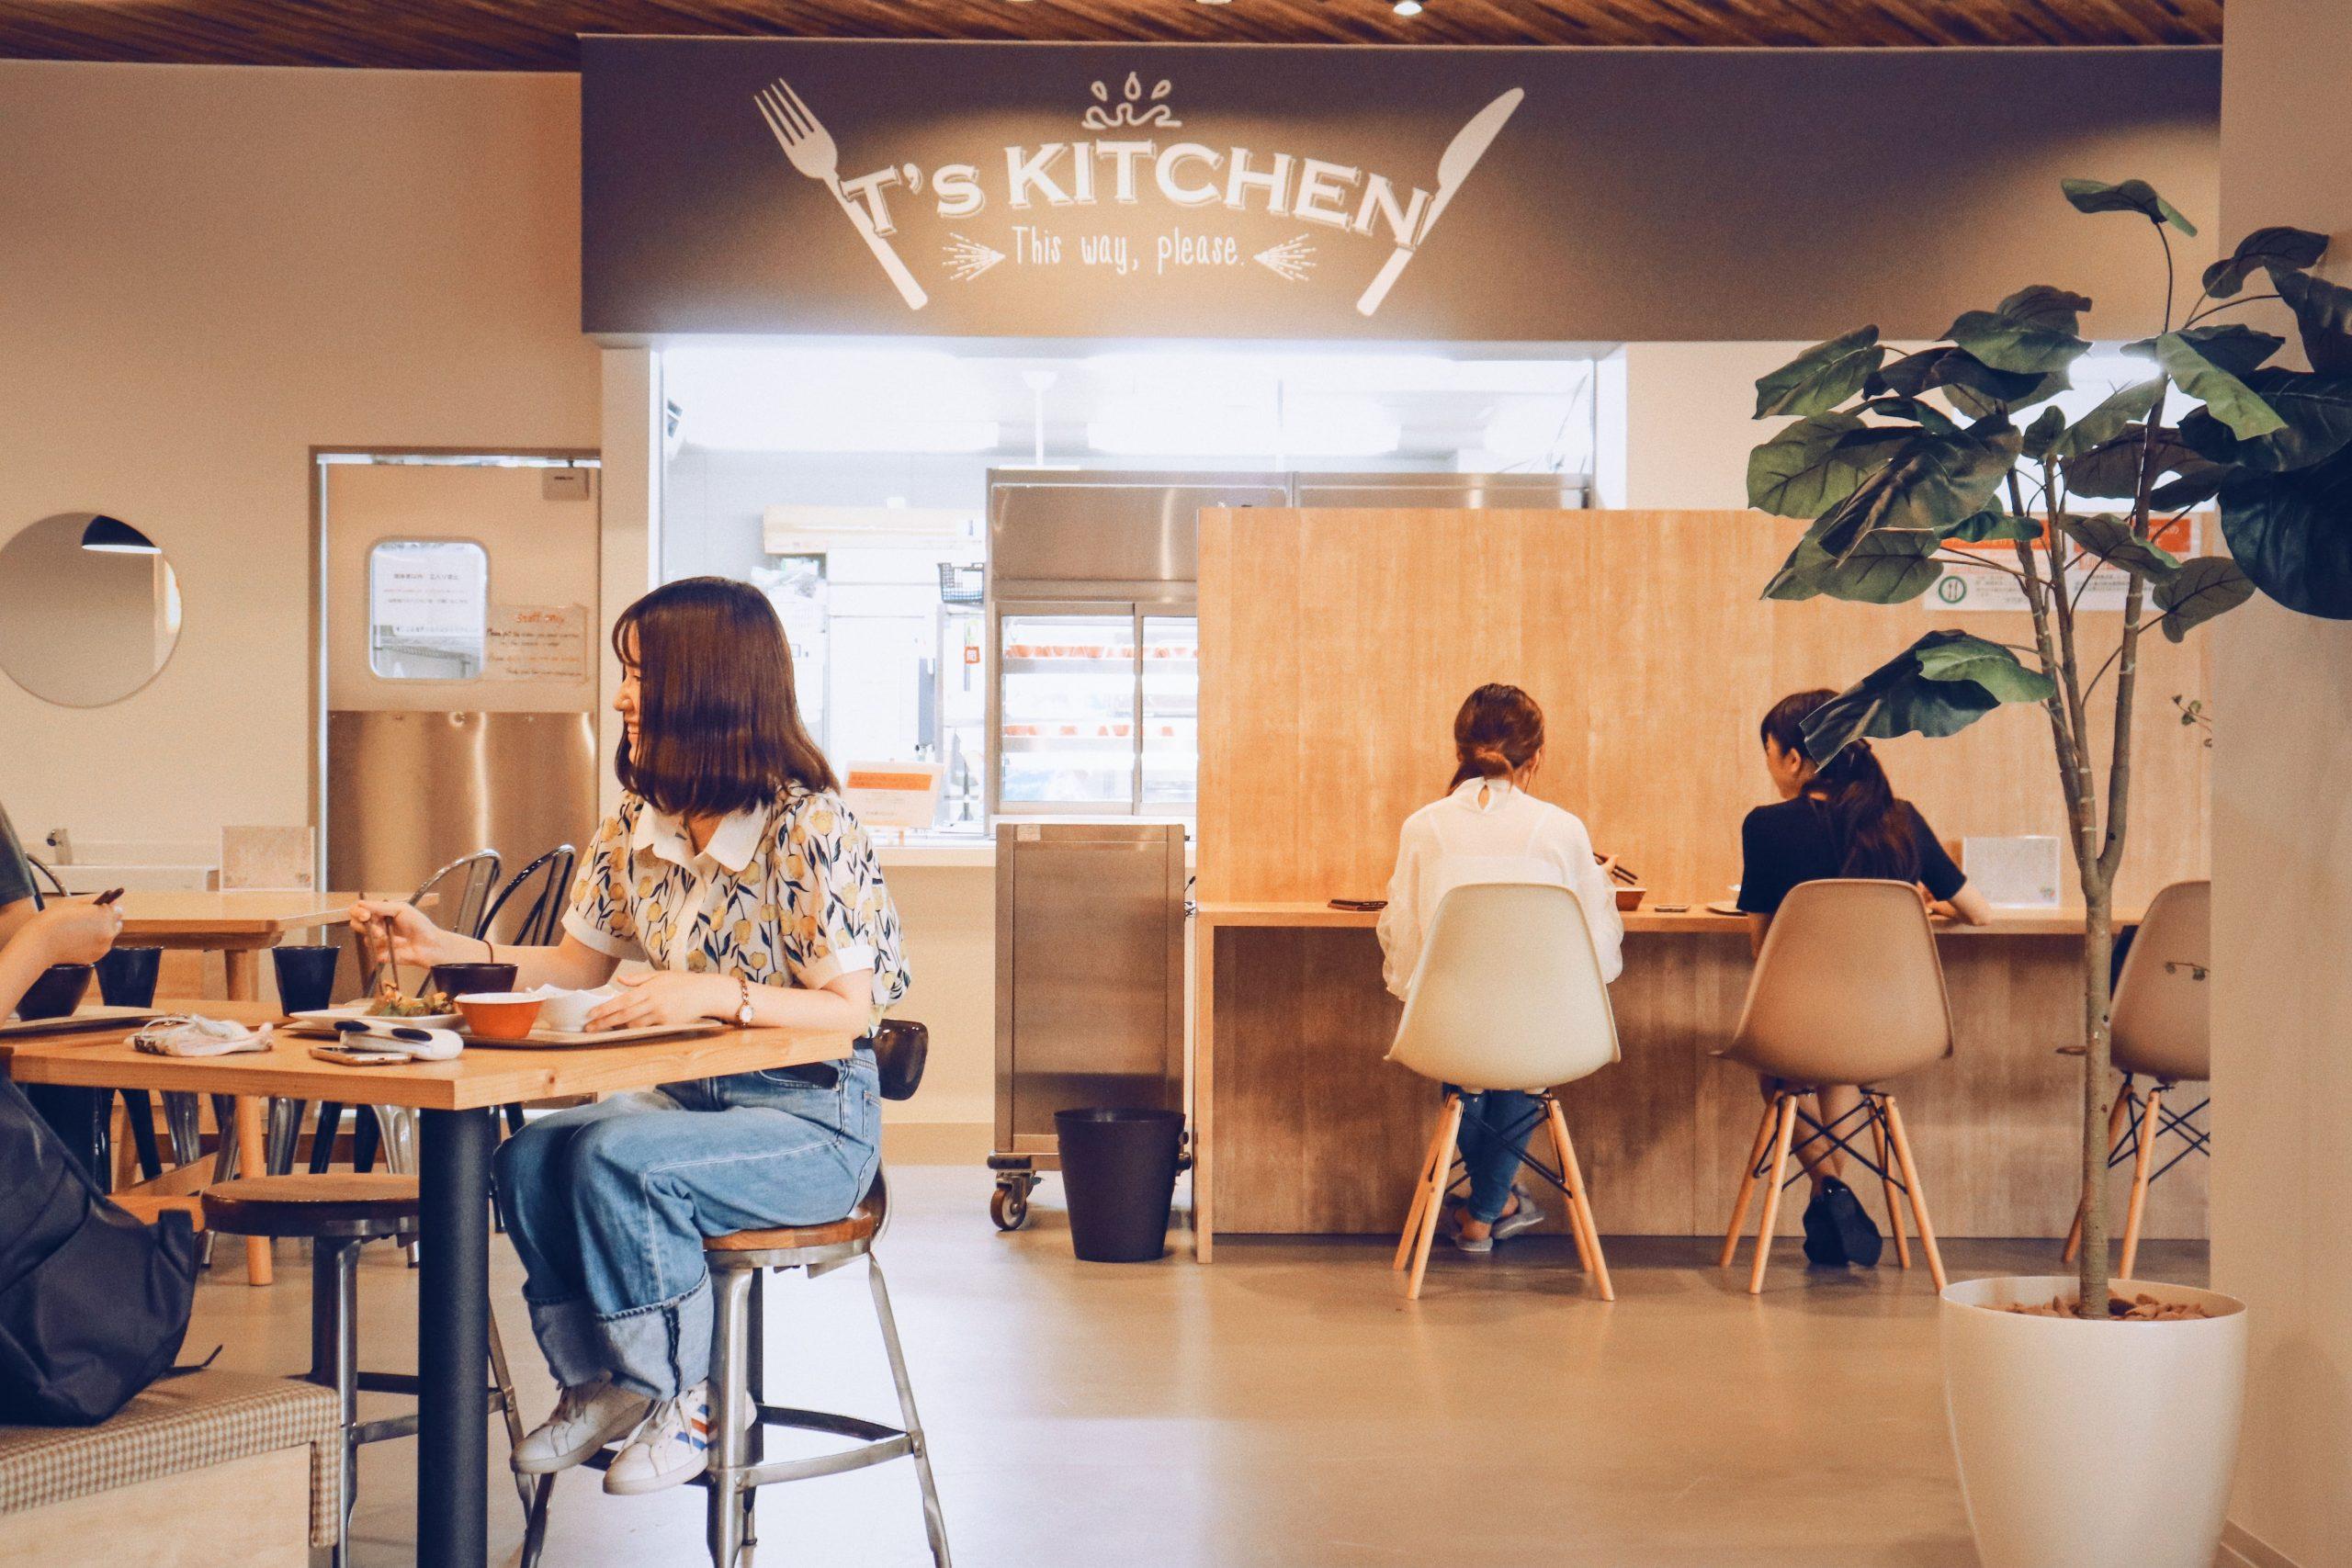 「ティーズカレッジ近畿大学前」おしゃれな食事スペースでゆったりとしたお食事タイムをすごすことが出来ます。宅都プロパティ大阪学生向けマンション総合サイト|studentroom